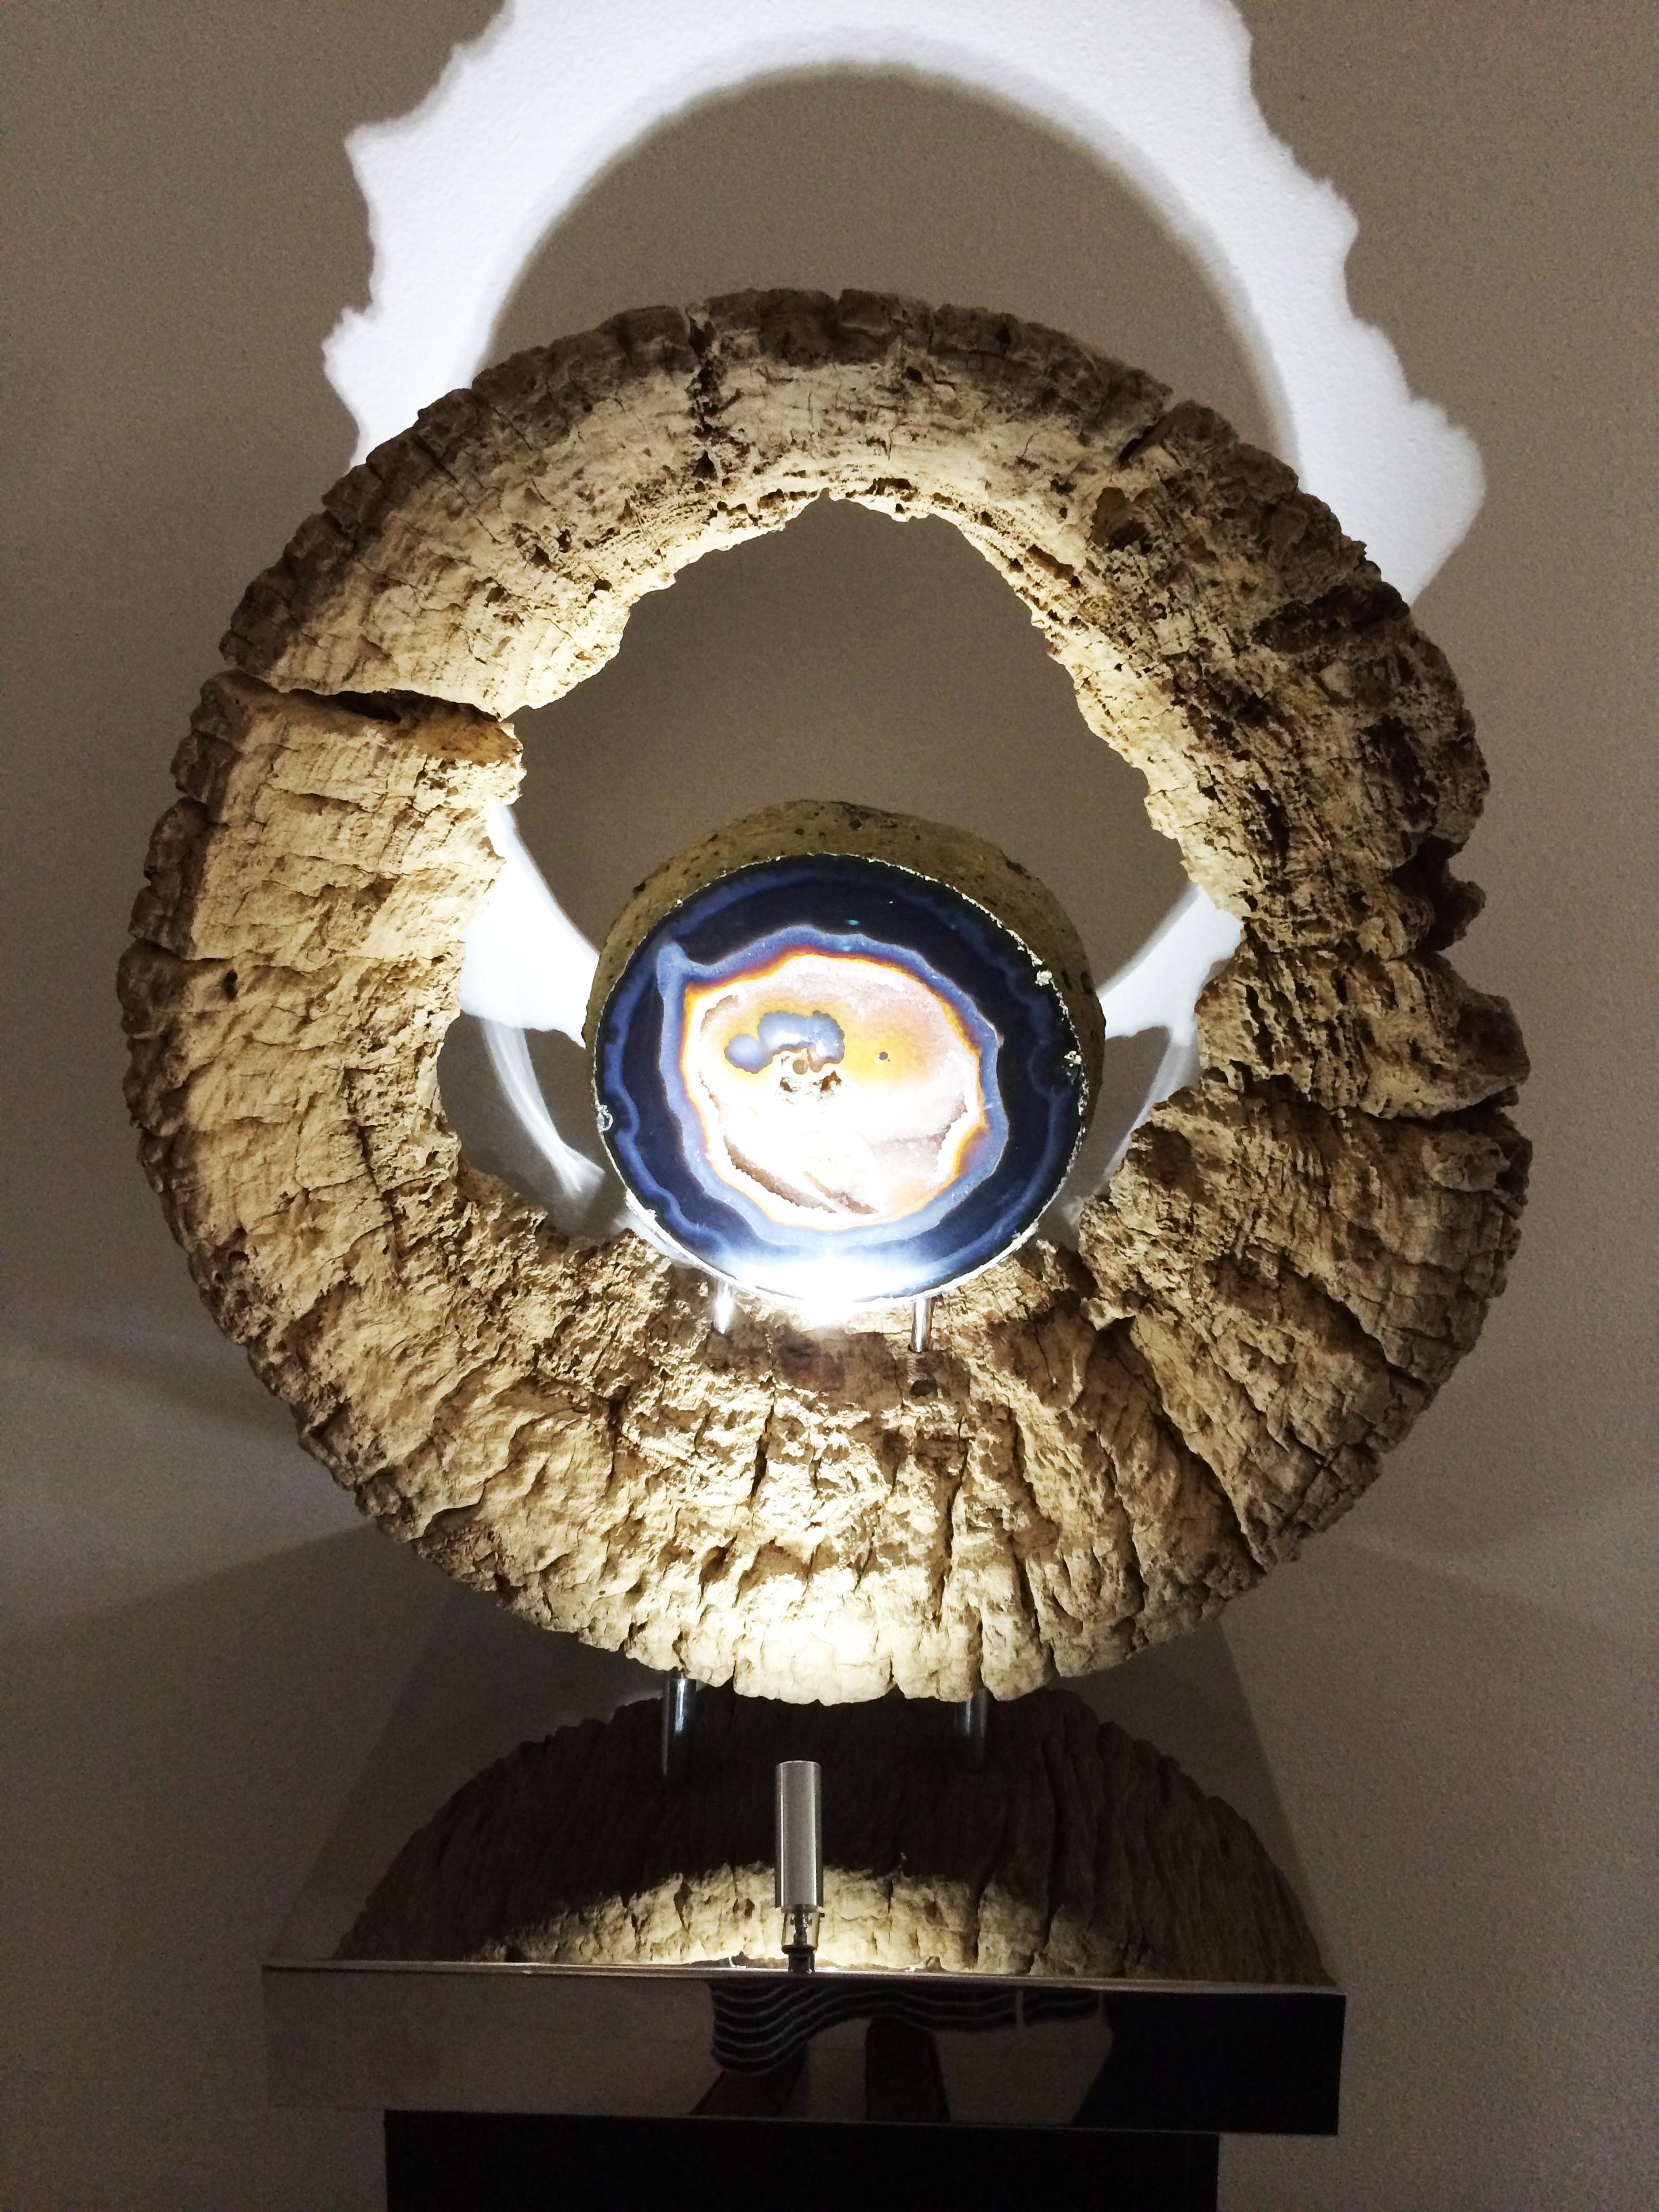 Energy Portal_Reclaimed Wood_Brazilian Agate Geode_Steel - 27x23x14 in - $7800.jpg